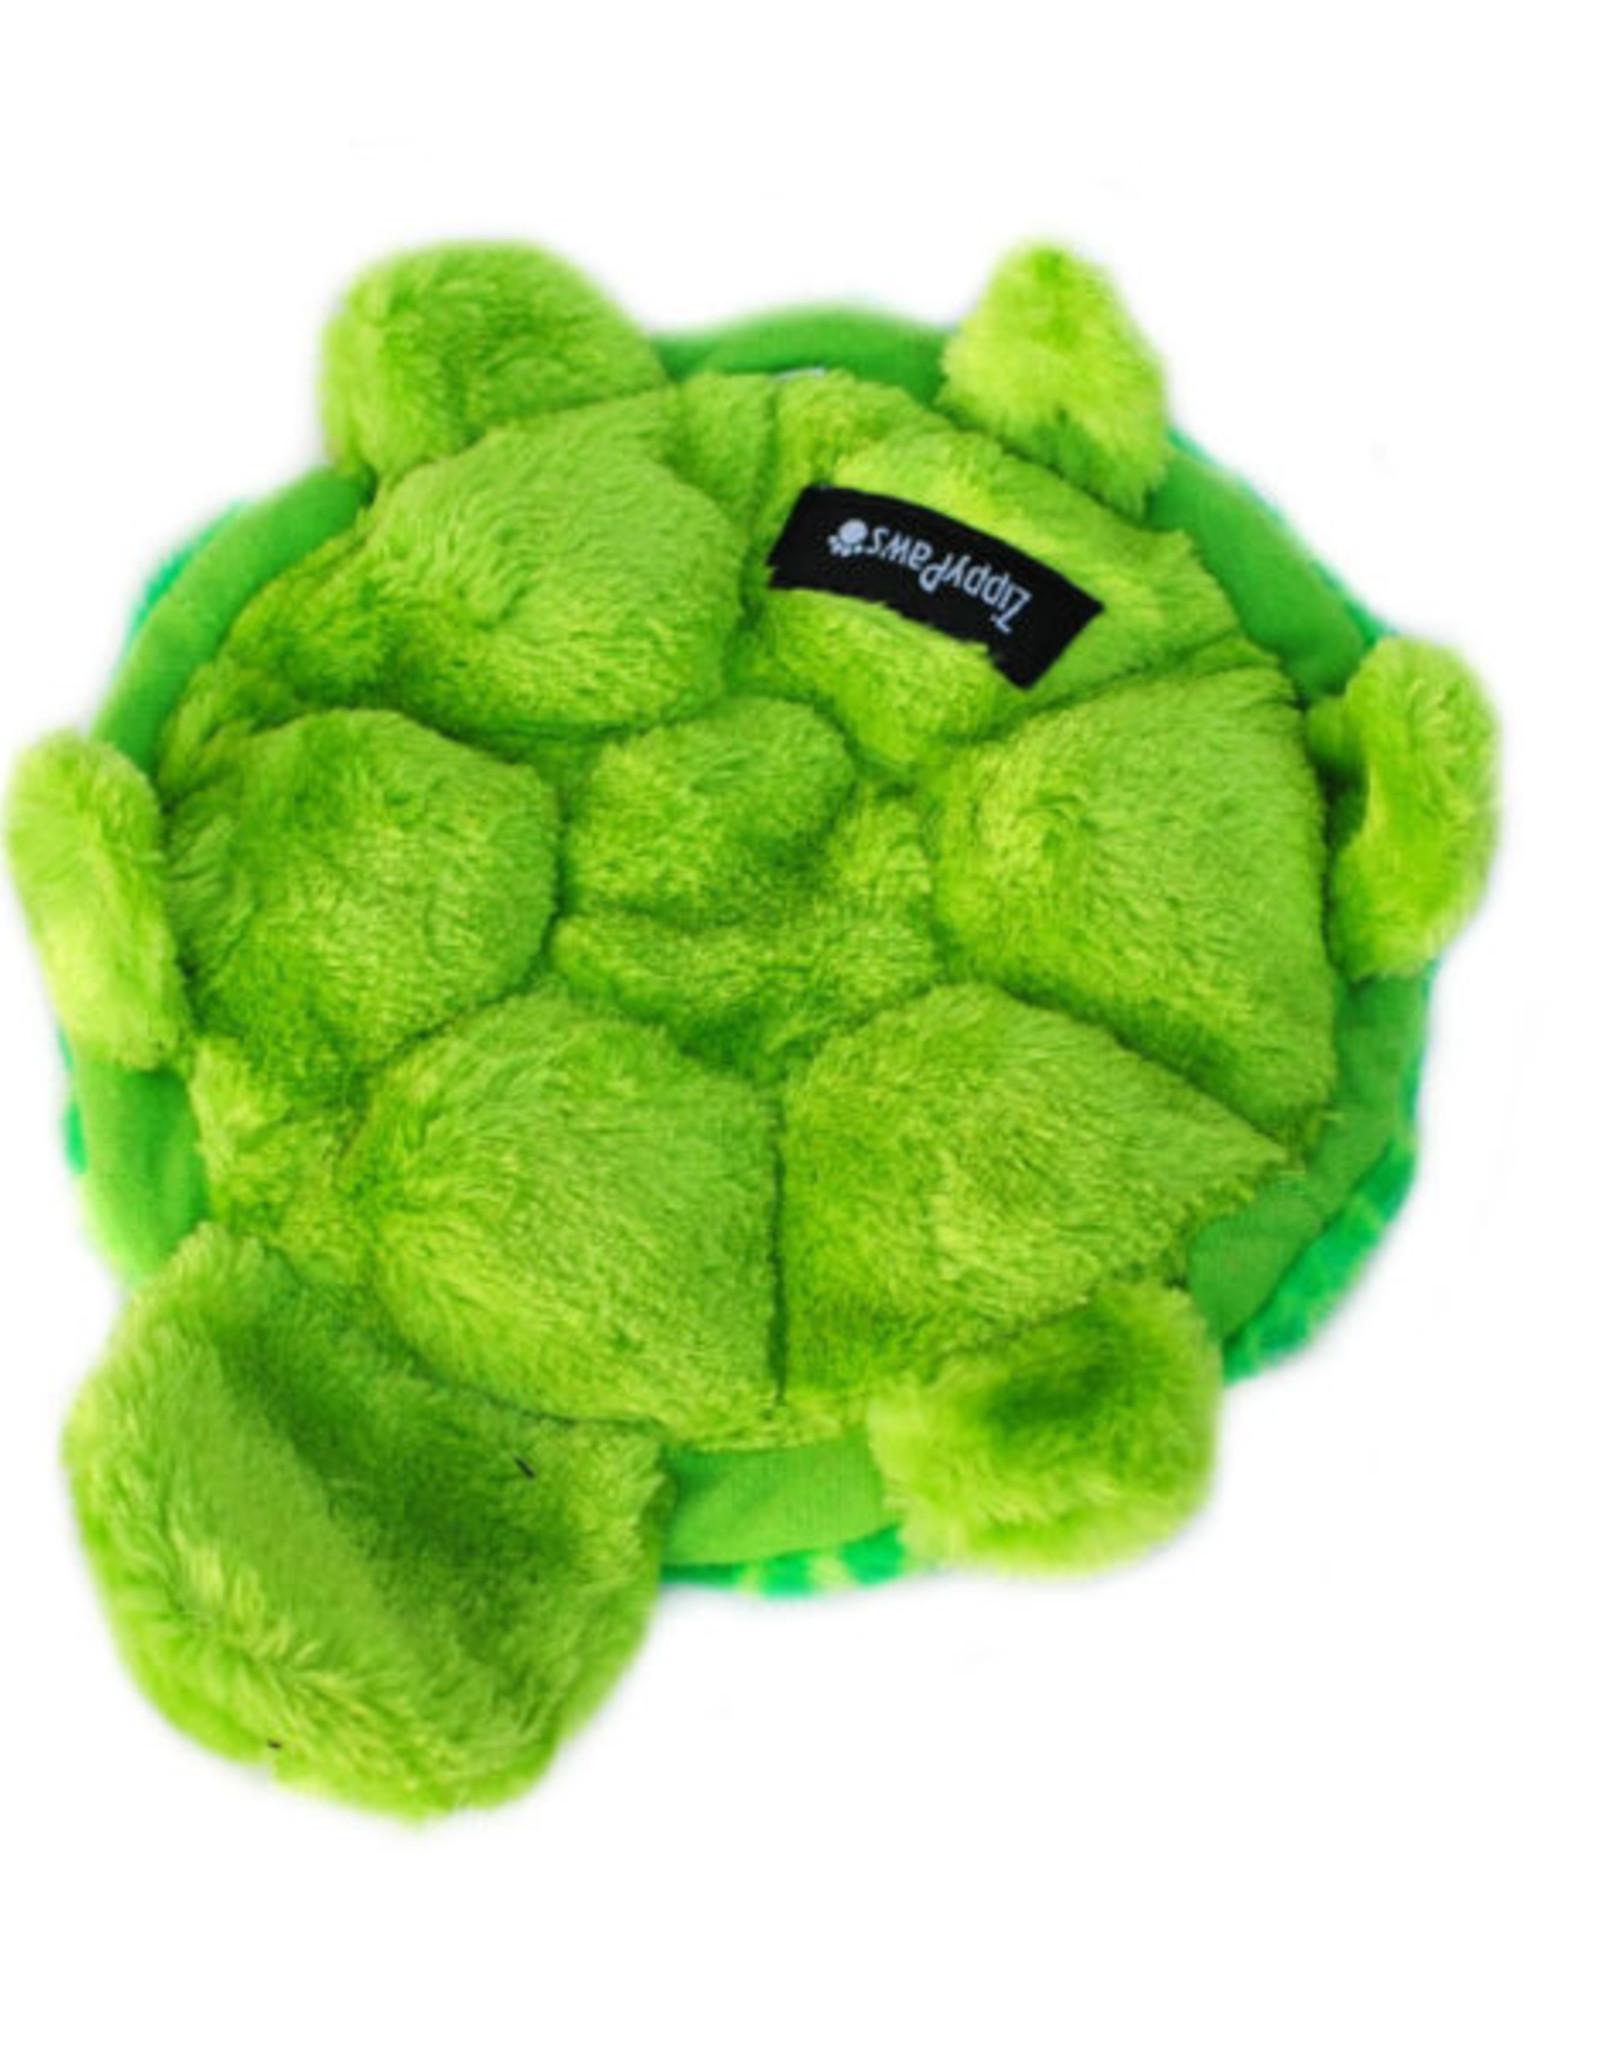 ZippyPaws Squeakie Crawler - SlowPoke the Turtle